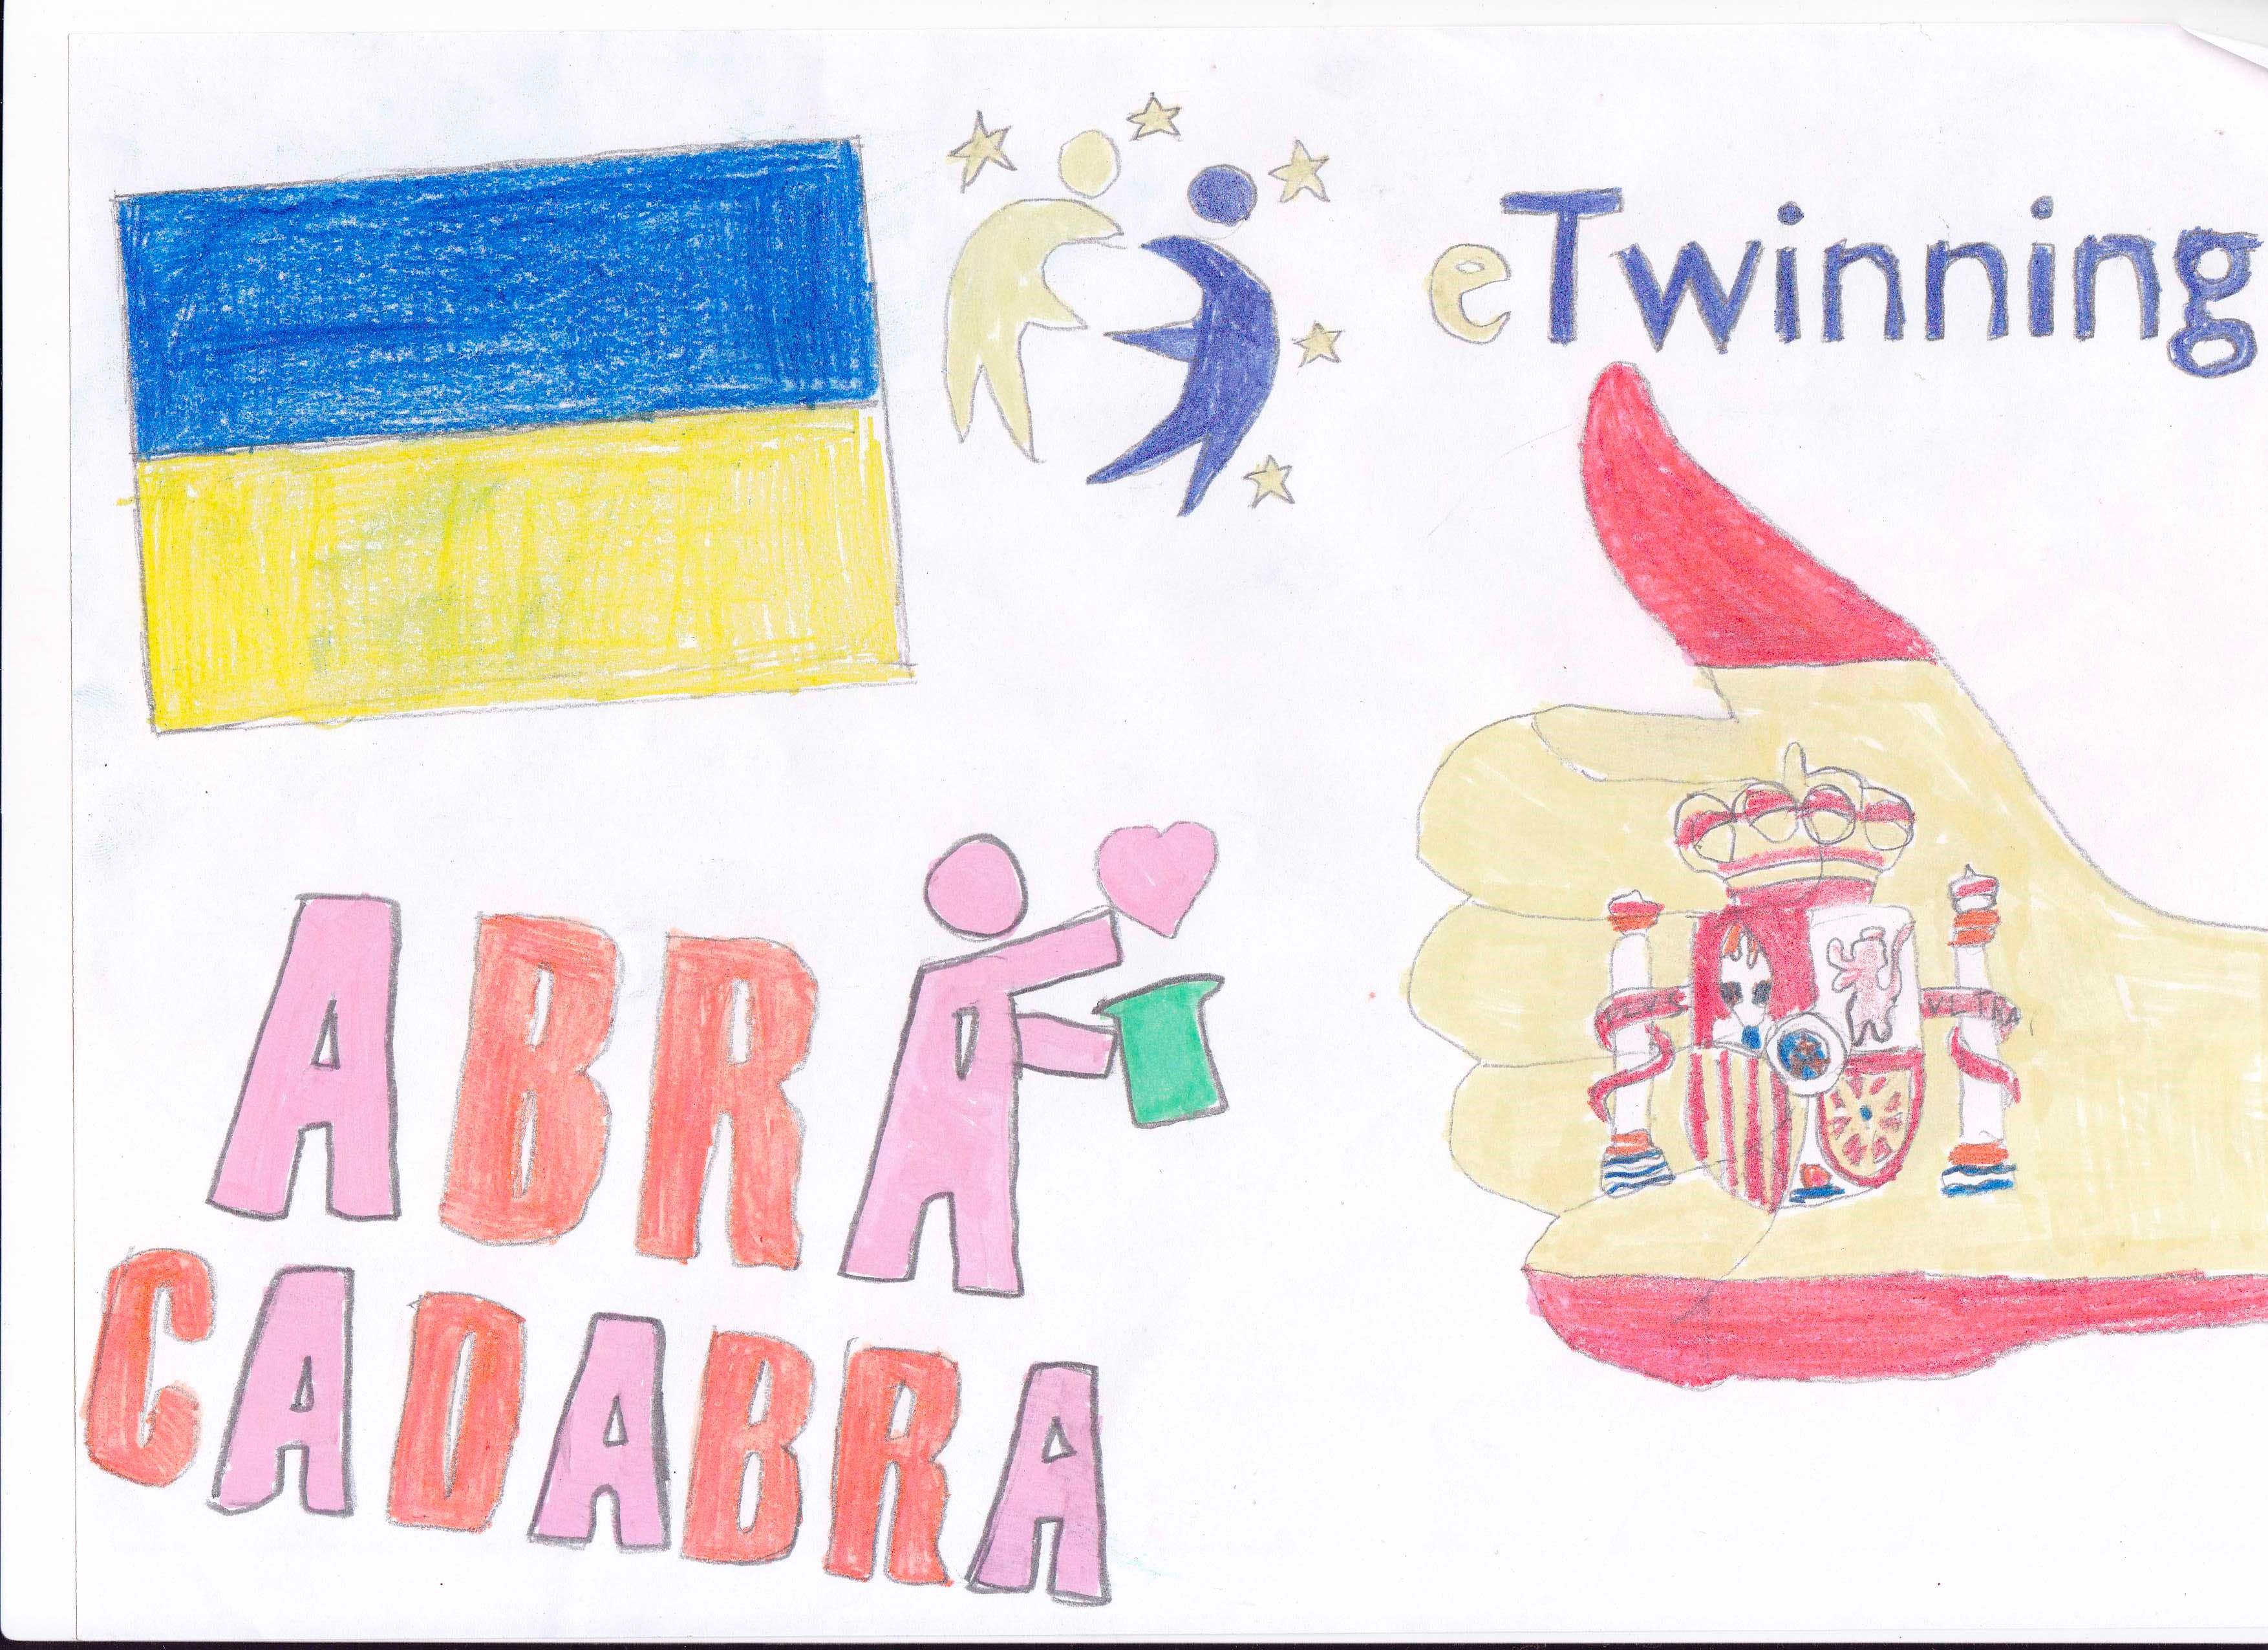 Proyecto eTwinning: Abracadabra